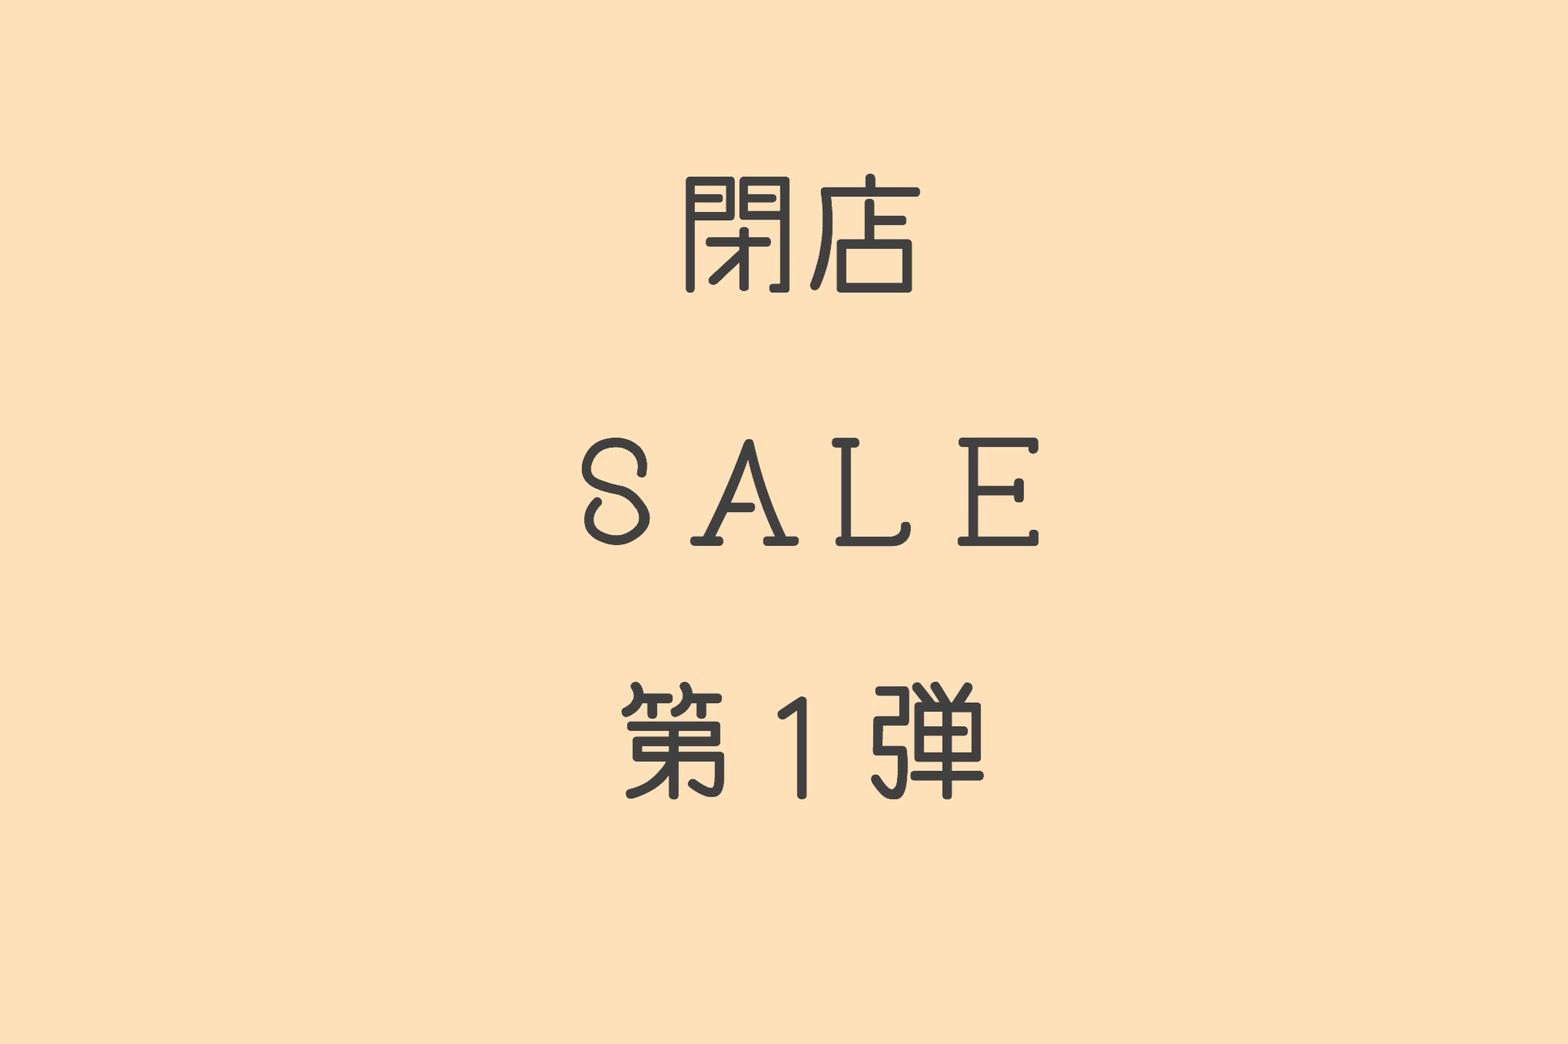 《 大須セレクトショップhipster 閉店のお知らせ 》